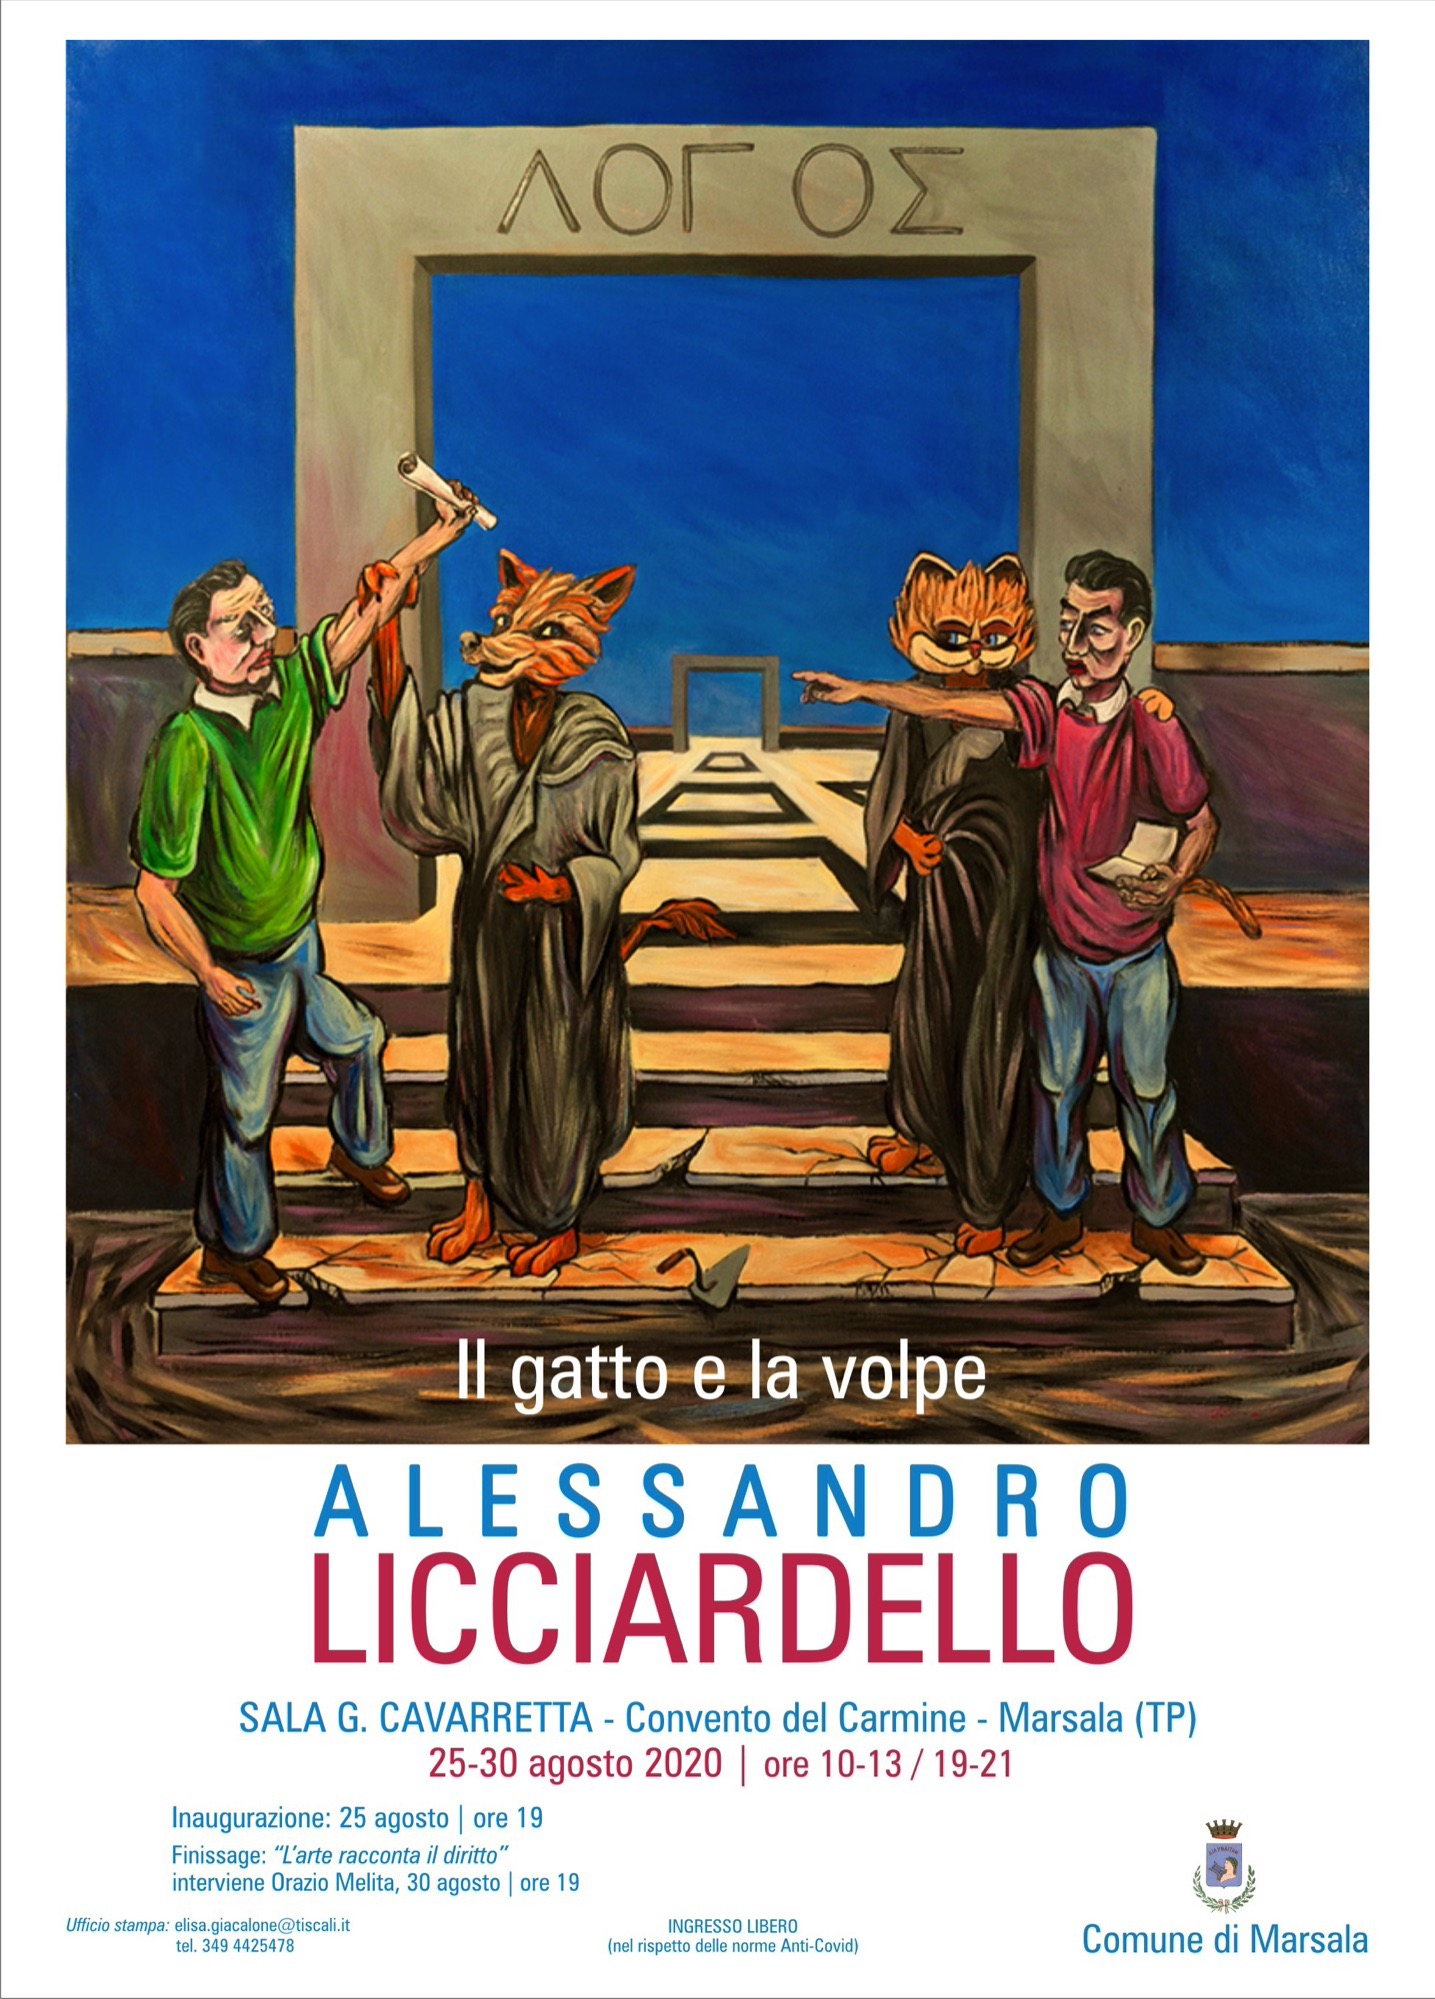 licciardello-mostramarsala2020-locandina-1598014747.jpg